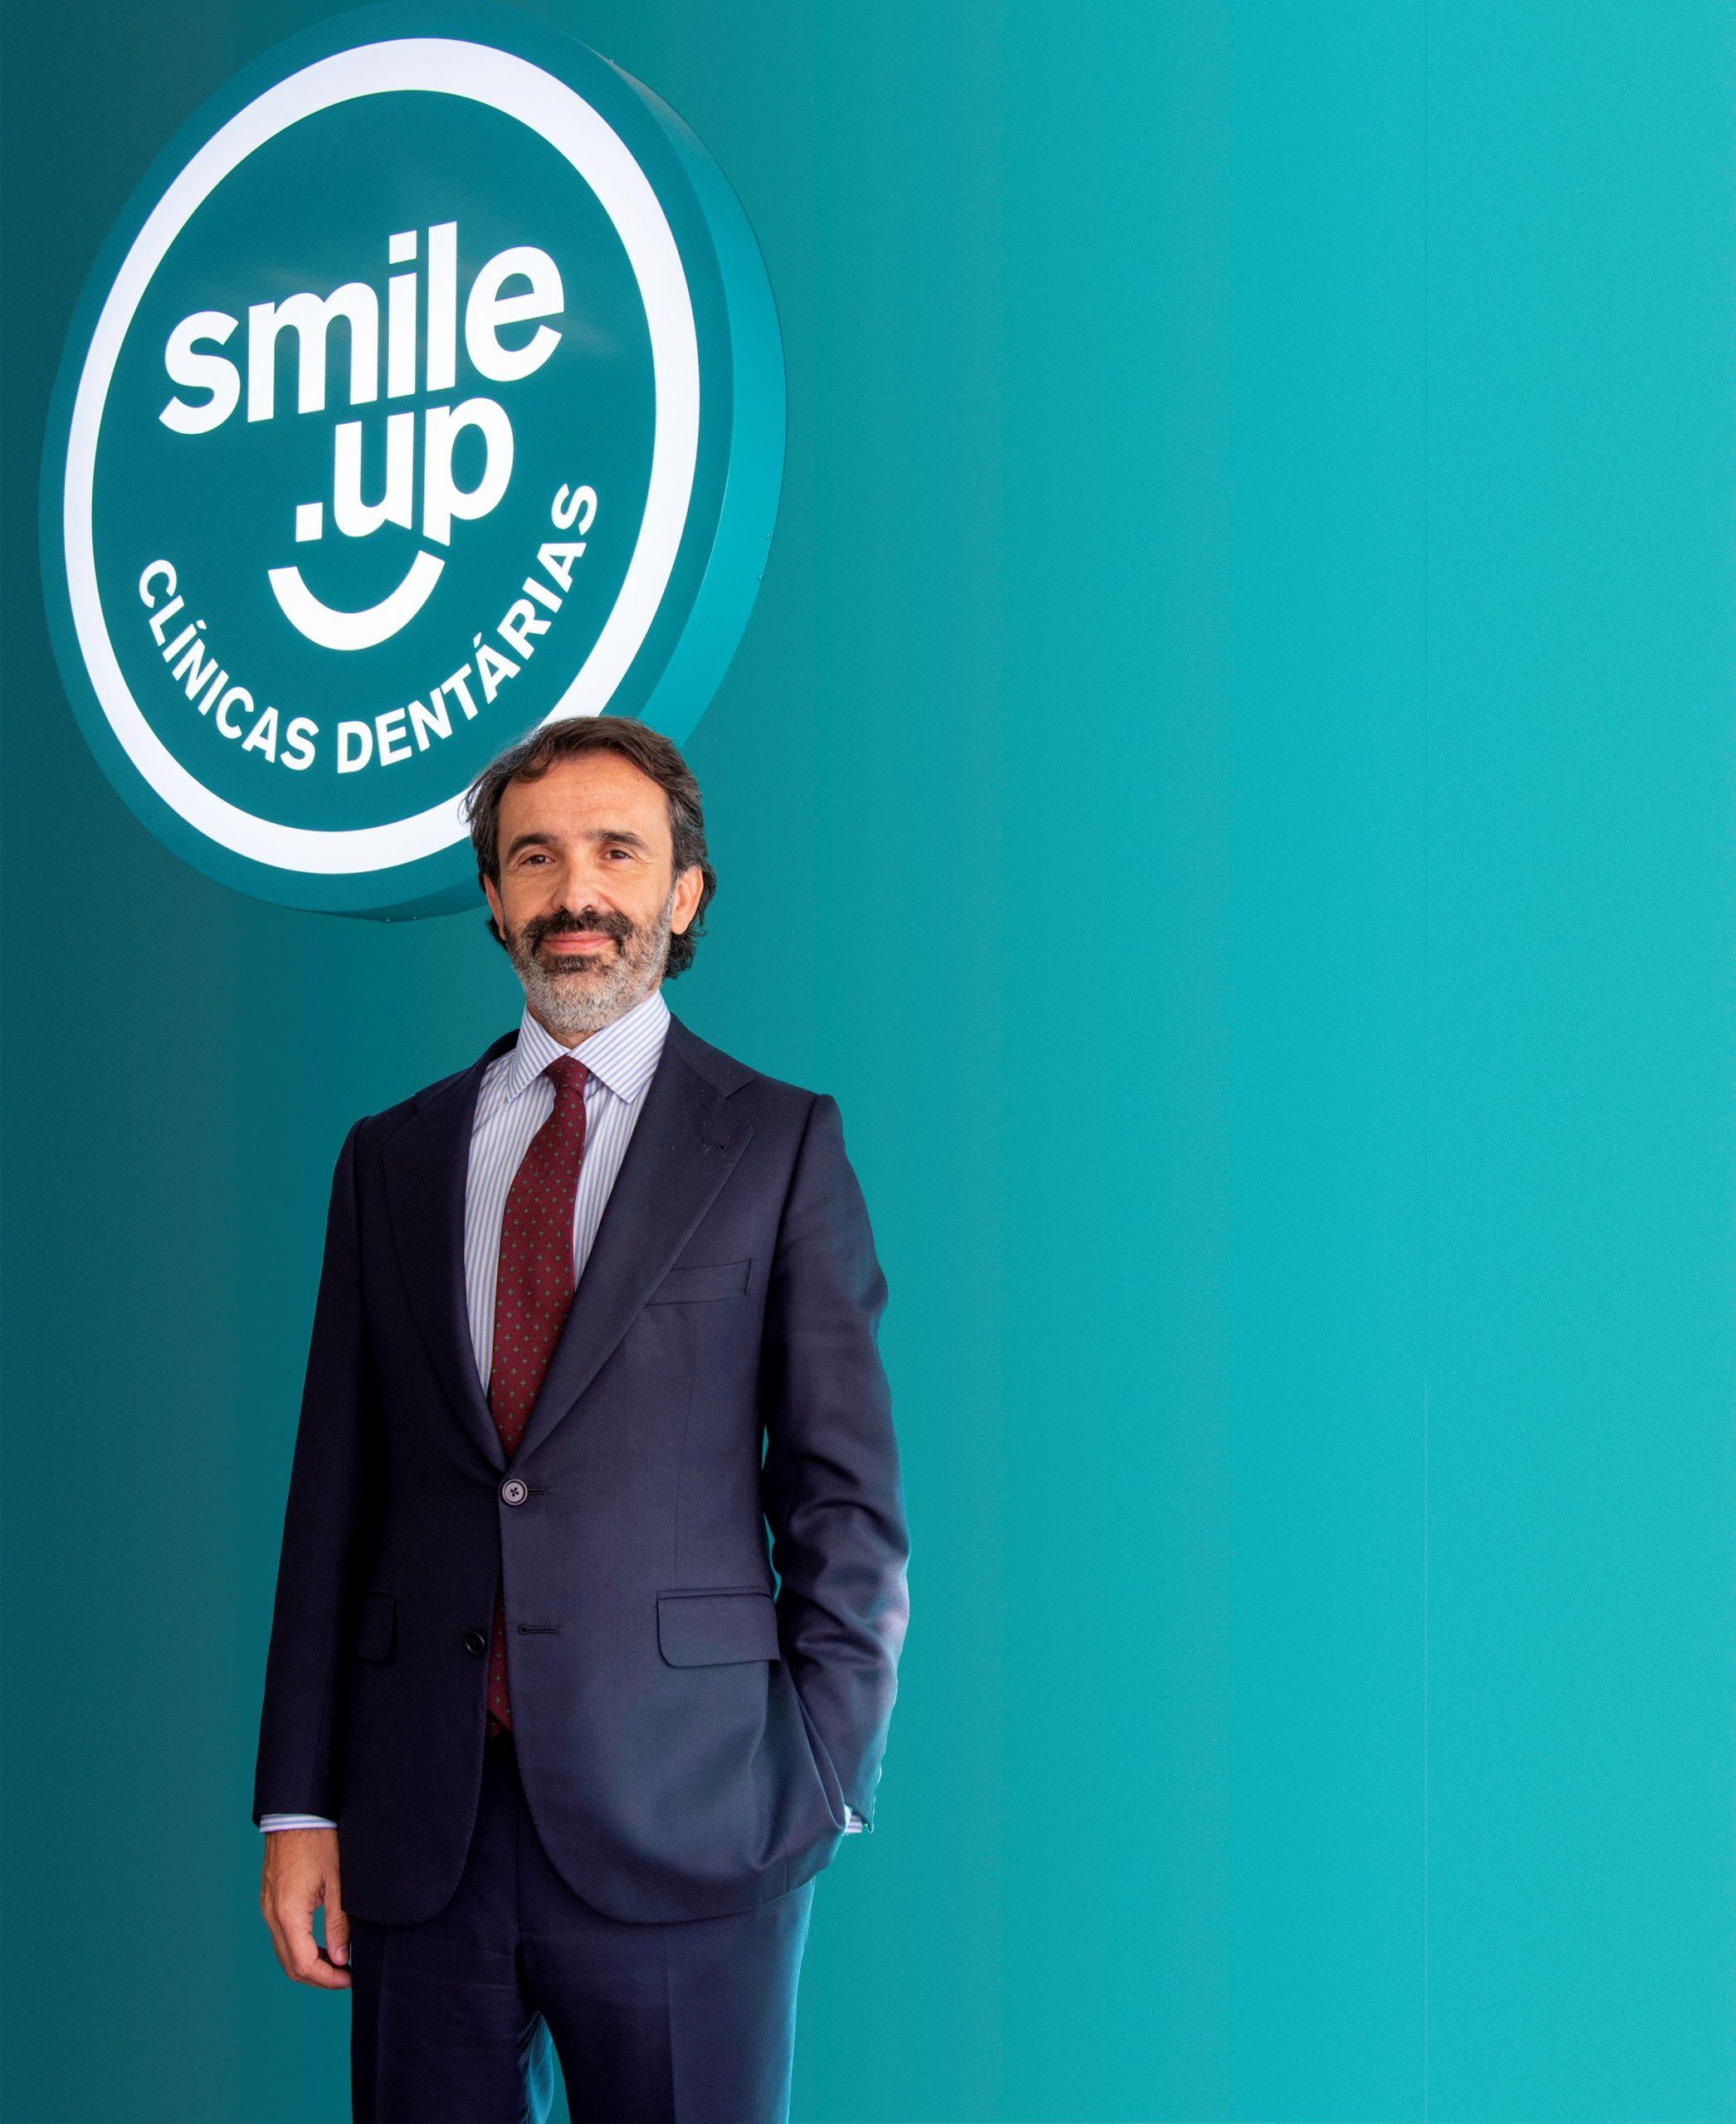 Imagem da notícia: Smile.up lança check-up dentário antes do check in de férias